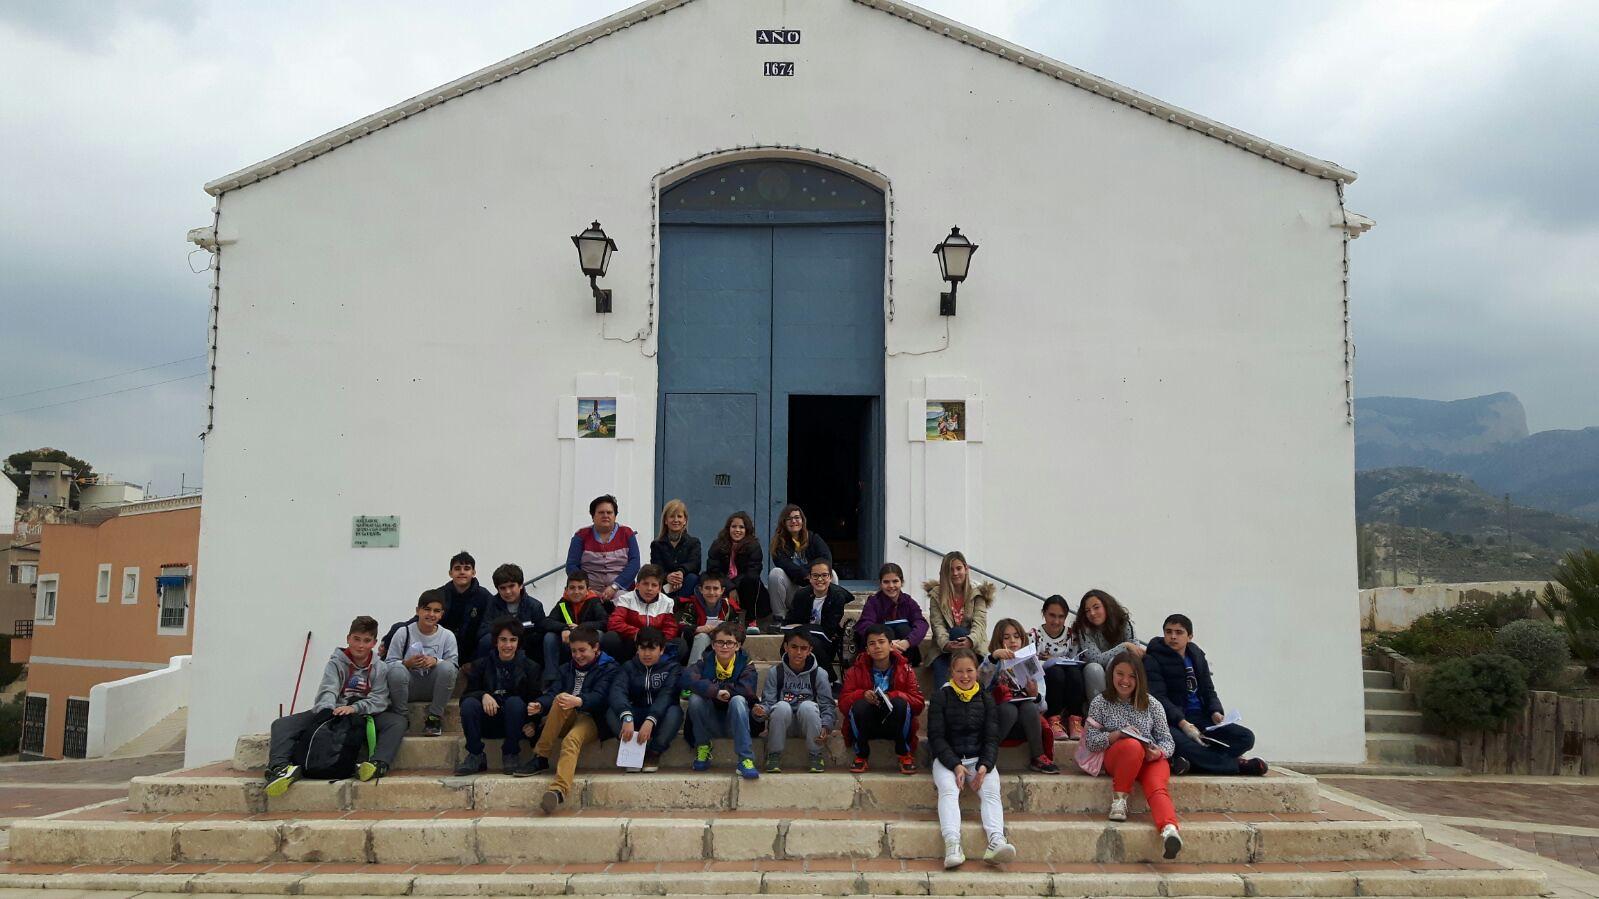 (2016-03-18) - aVisita ermita alumnos Pilar, profesora religión 9´Octubre - María Isabel Berenguer Brotons (09)